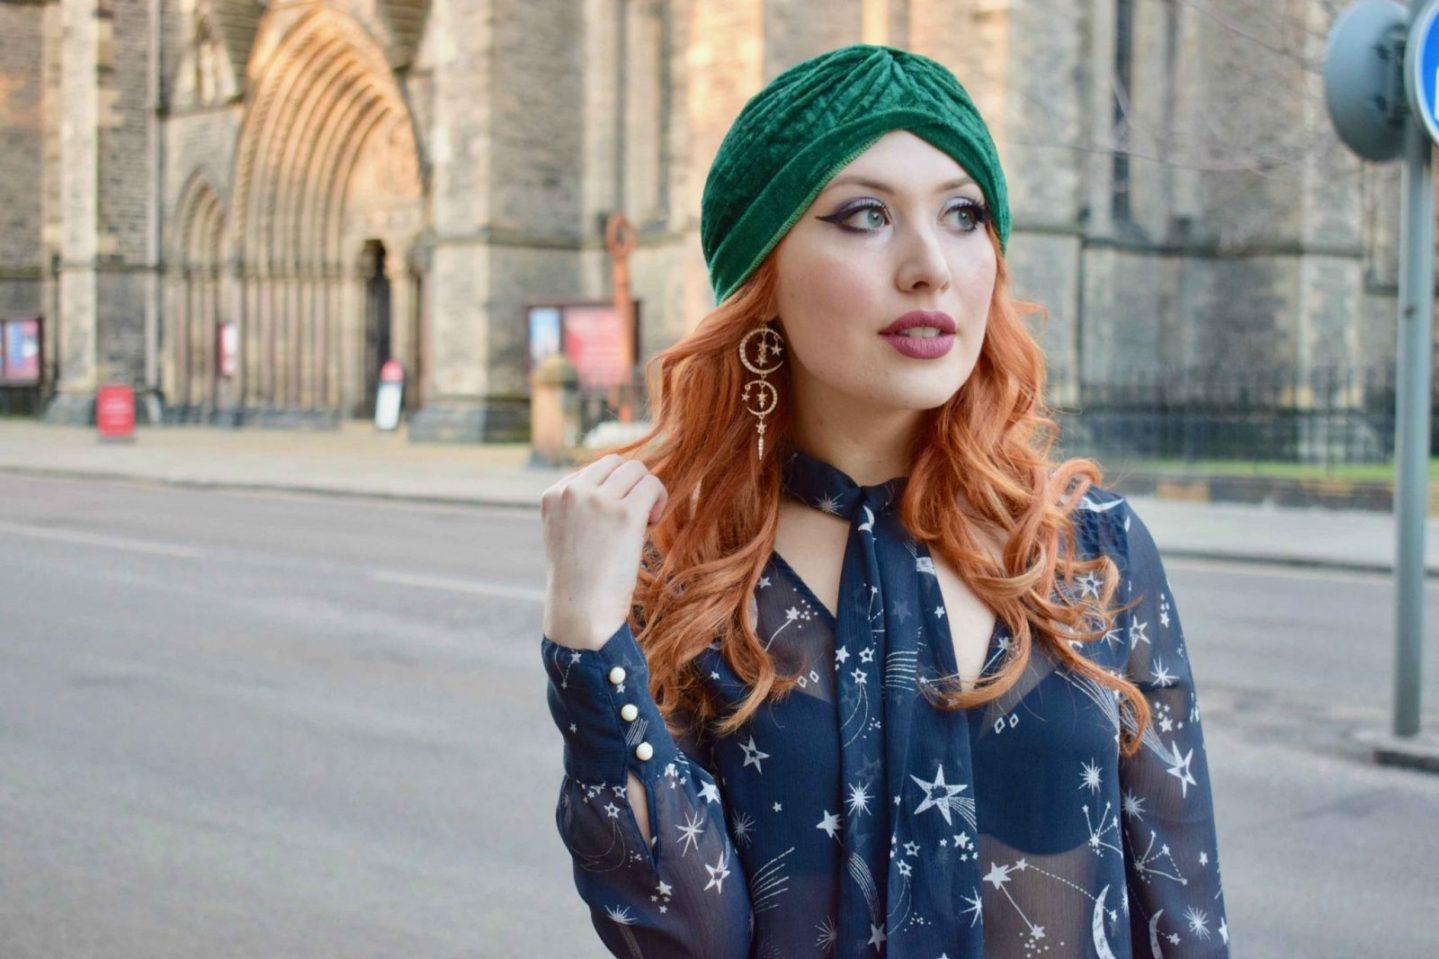 Why we should rethink fashion seasons in 2018